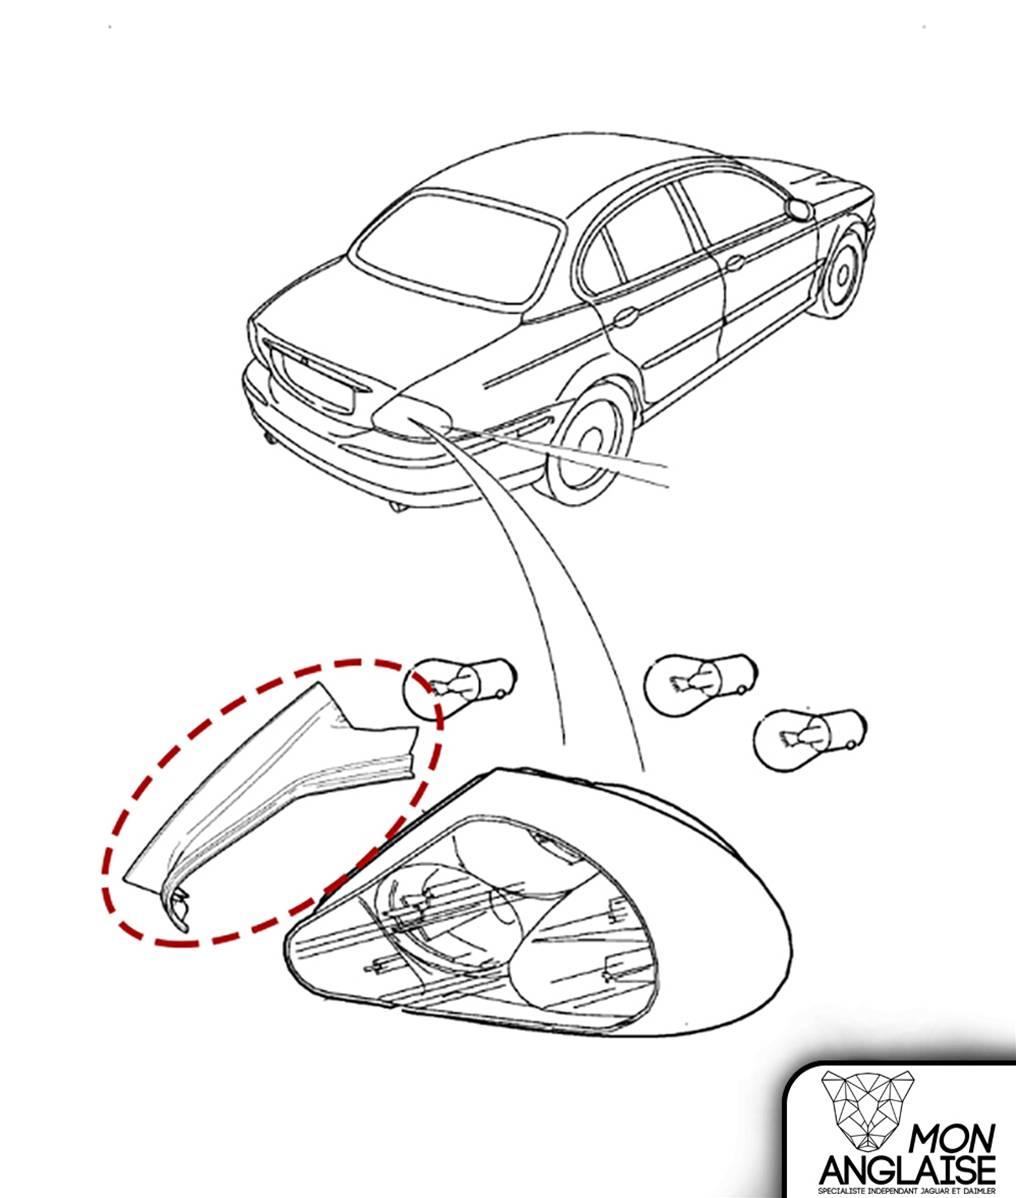 Déflecteur feu arrière gauche break d'occasion de Jaguar X